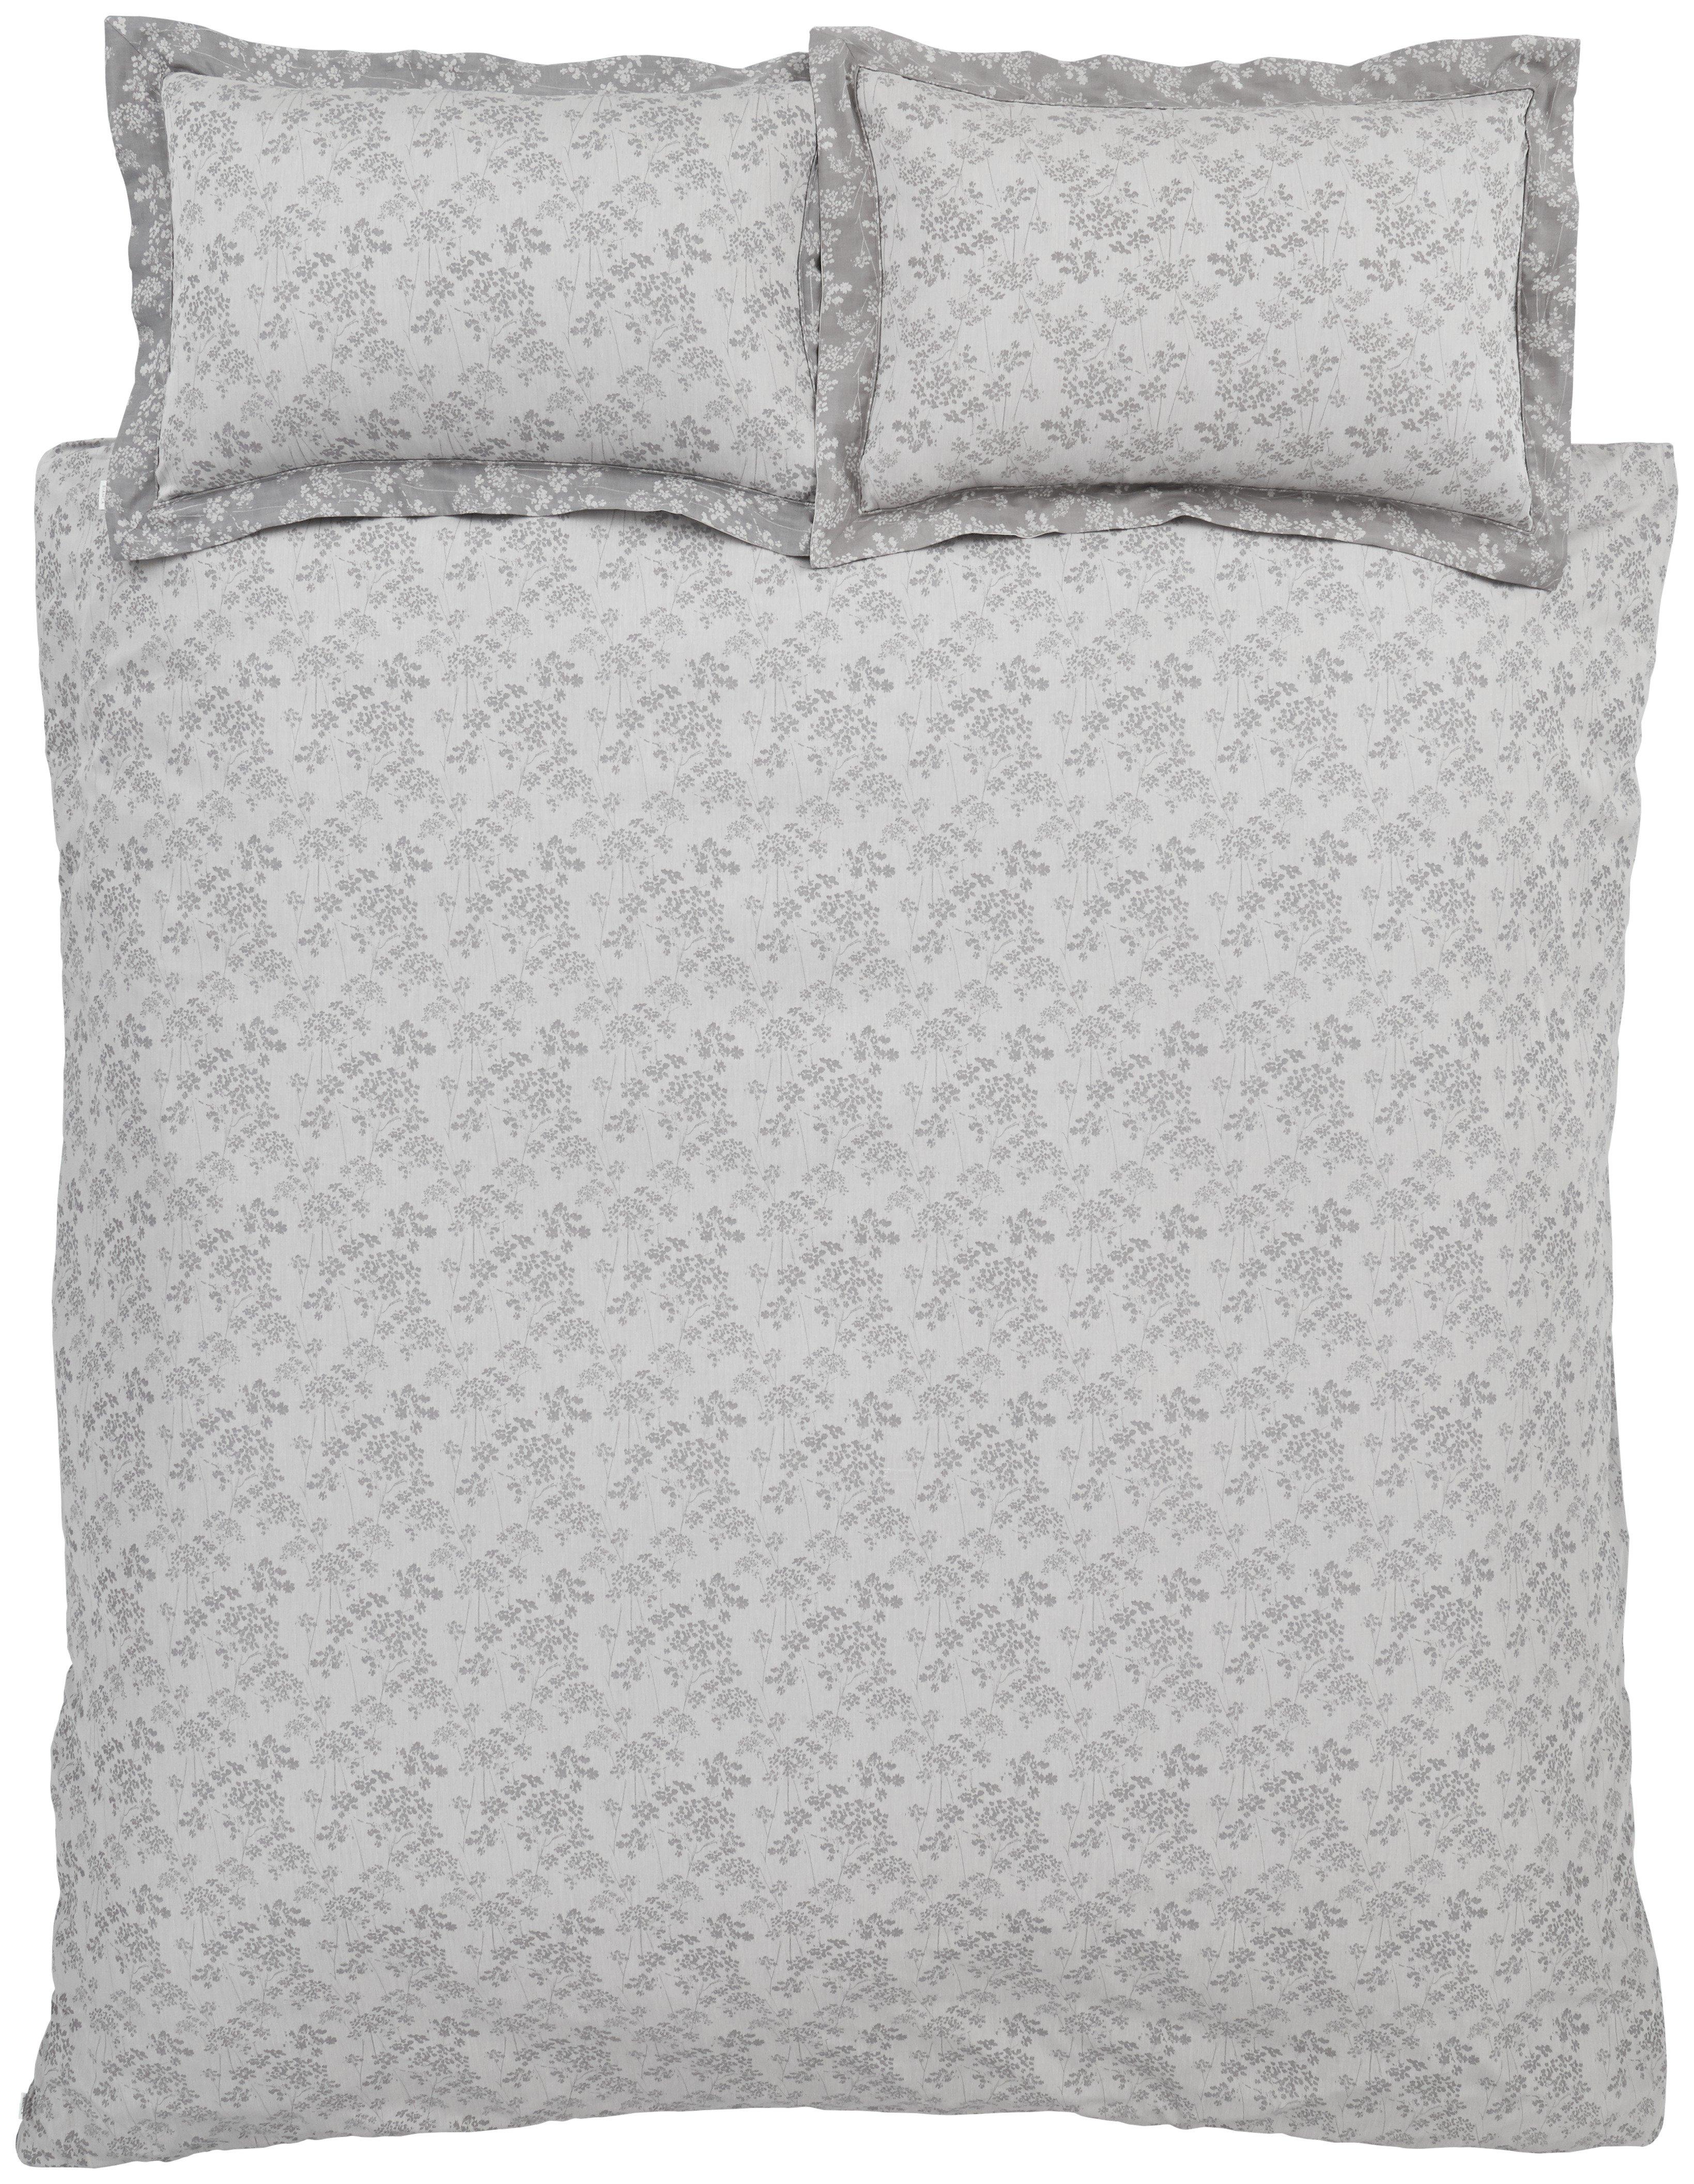 Image of Bianca Cotton Soft Sprig Jacquard Bedding Set - Kingsize.